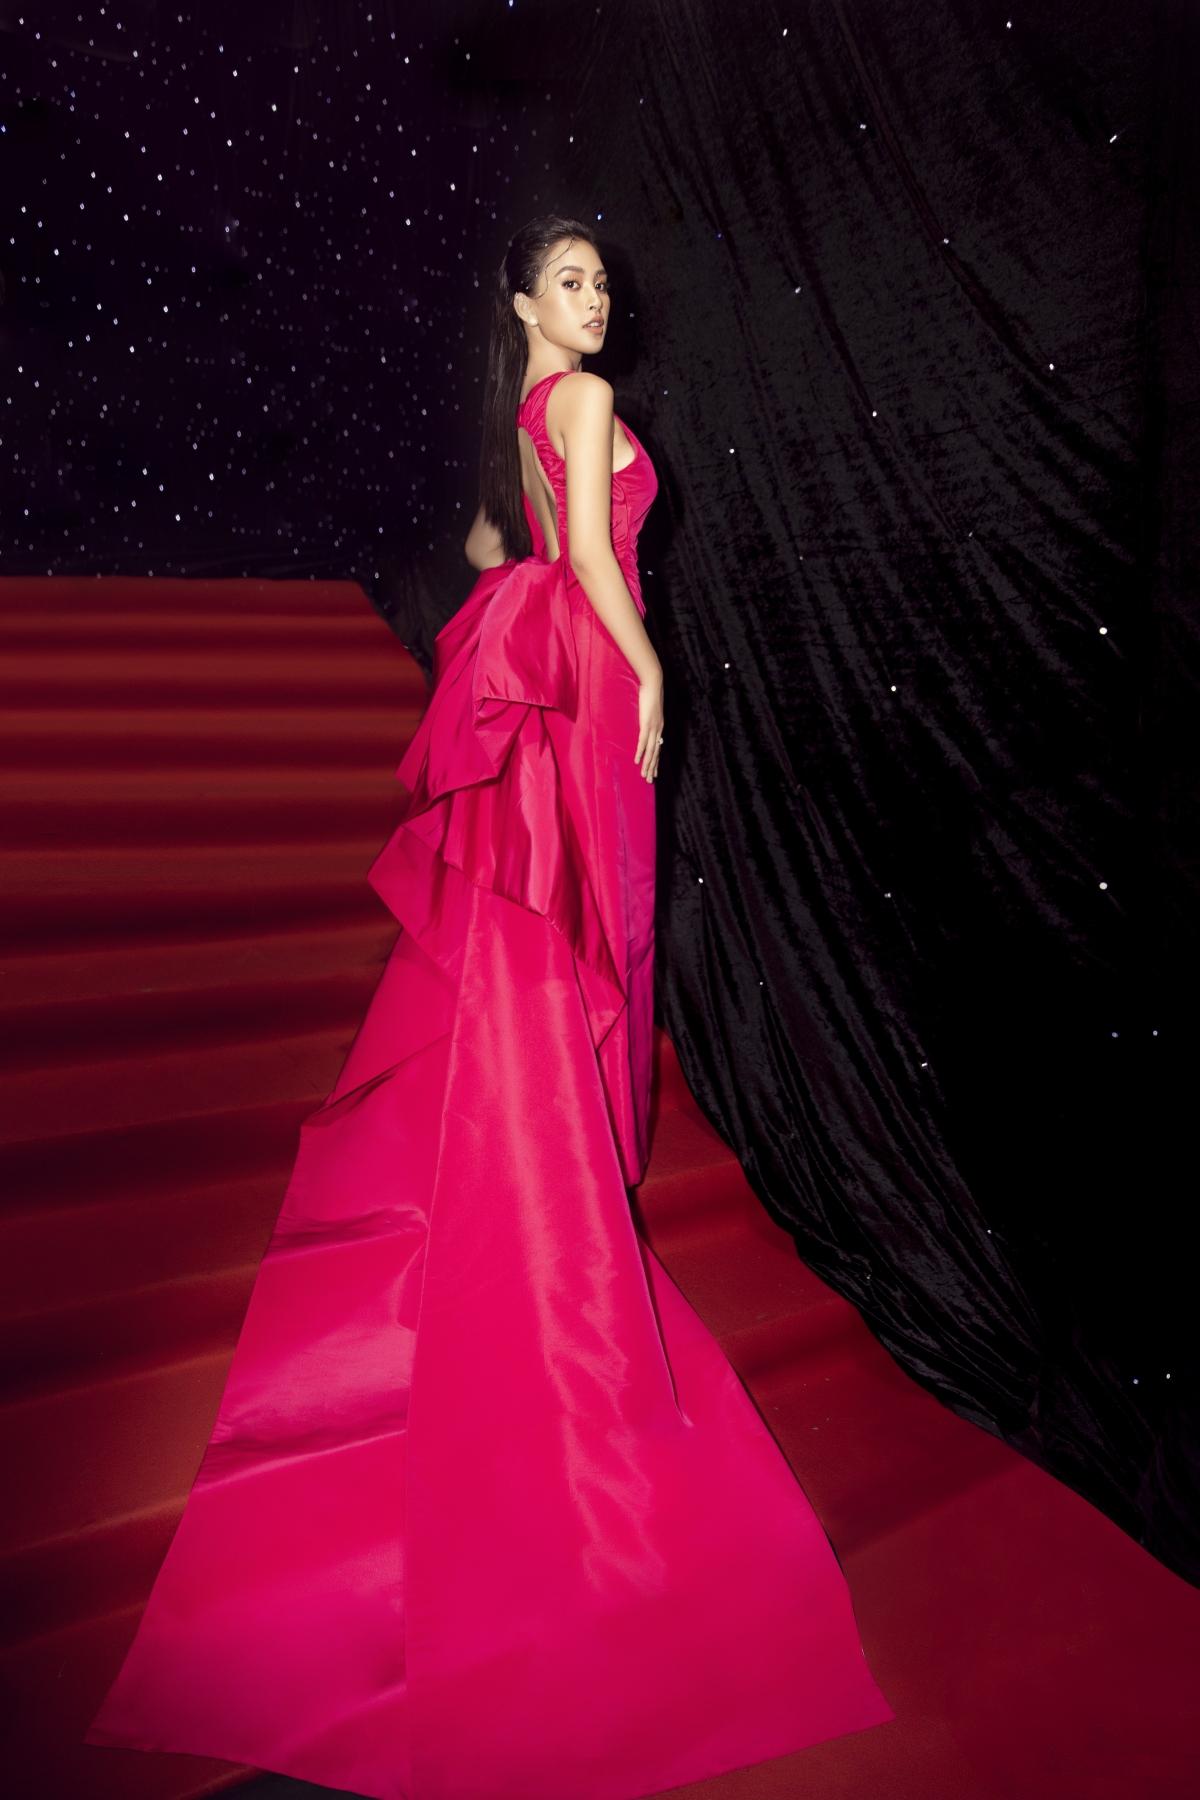 """Là một trong những sao mặc đẹp, cô nàng nhiều lần được ưu ái với danh xưng """"nữ hoàng thảm đỏ"""" khi xuất hiện. Không những thế, Tiểu Vy cũng đảm nhận vai trò mở màn trên sàn diễn thời trang vừa qua."""